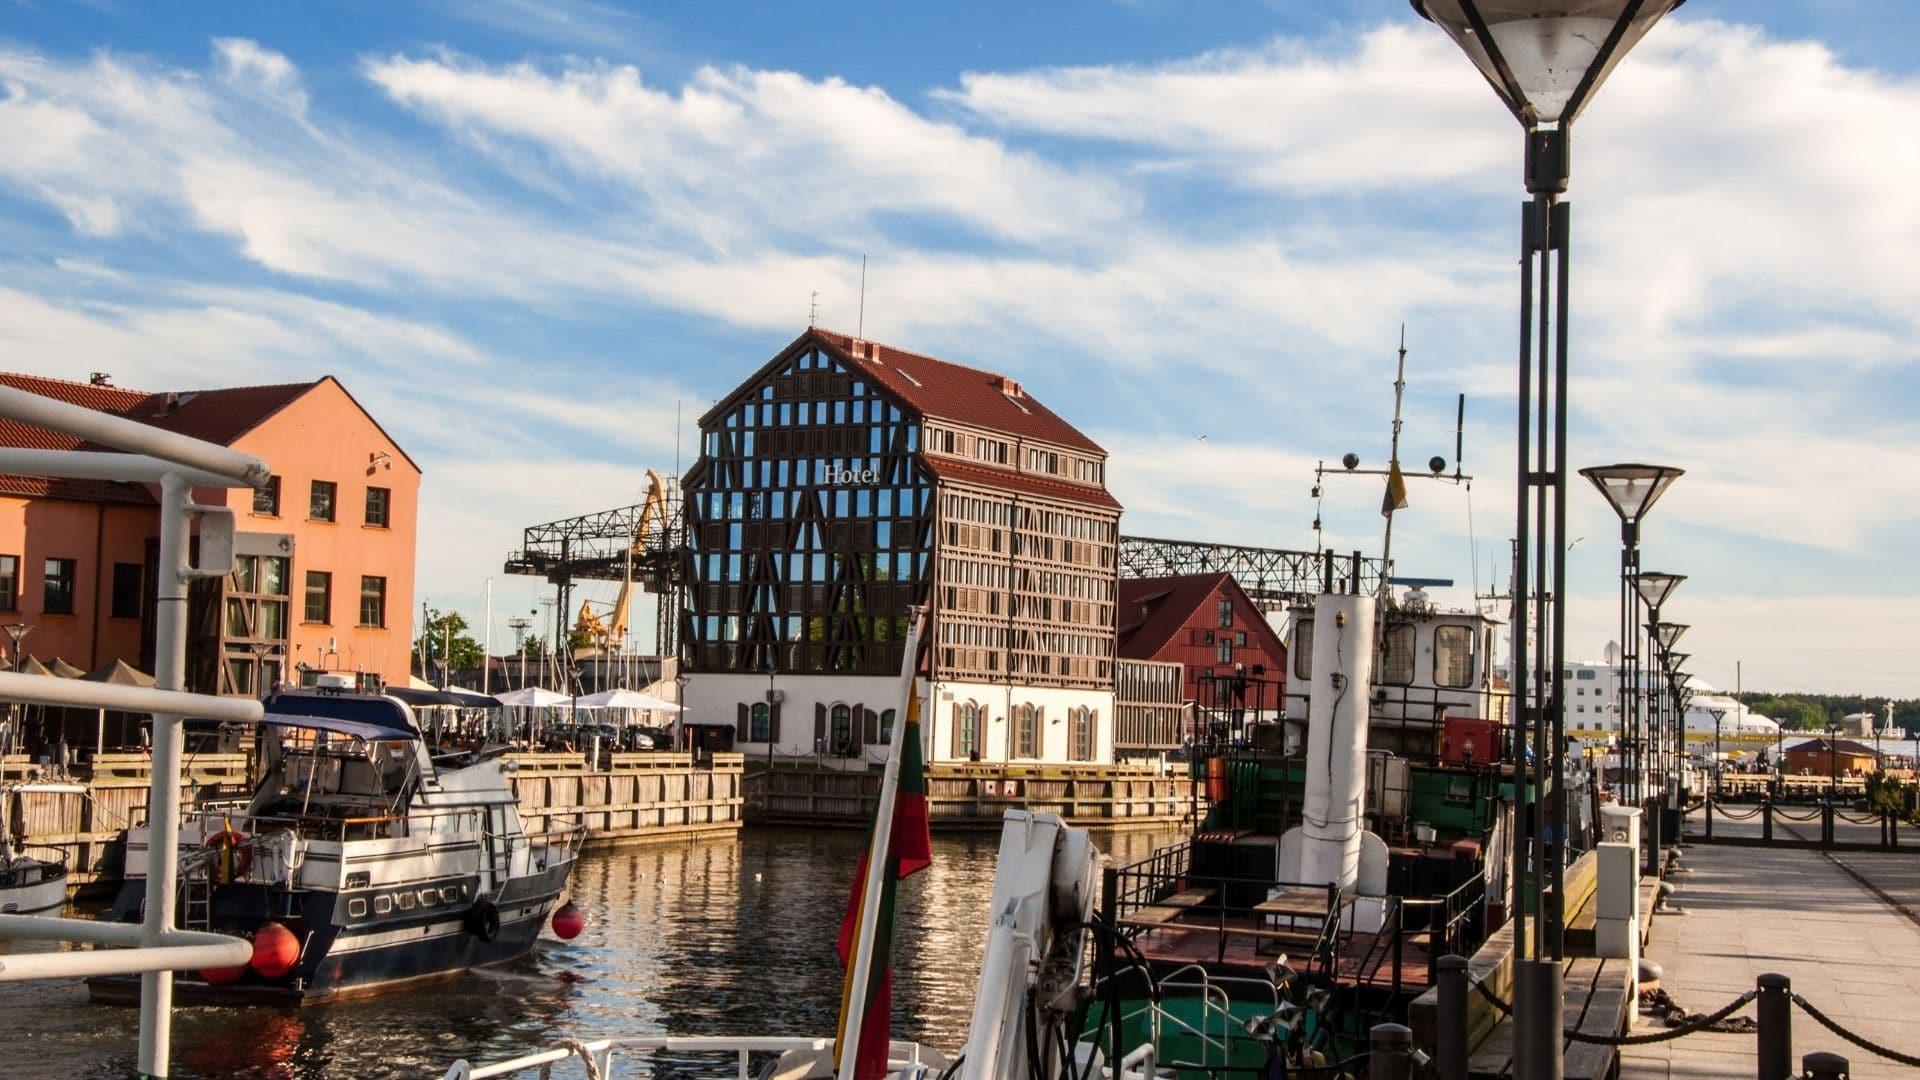 Klaipeda cruise port - uncommon cruise ports in Europe